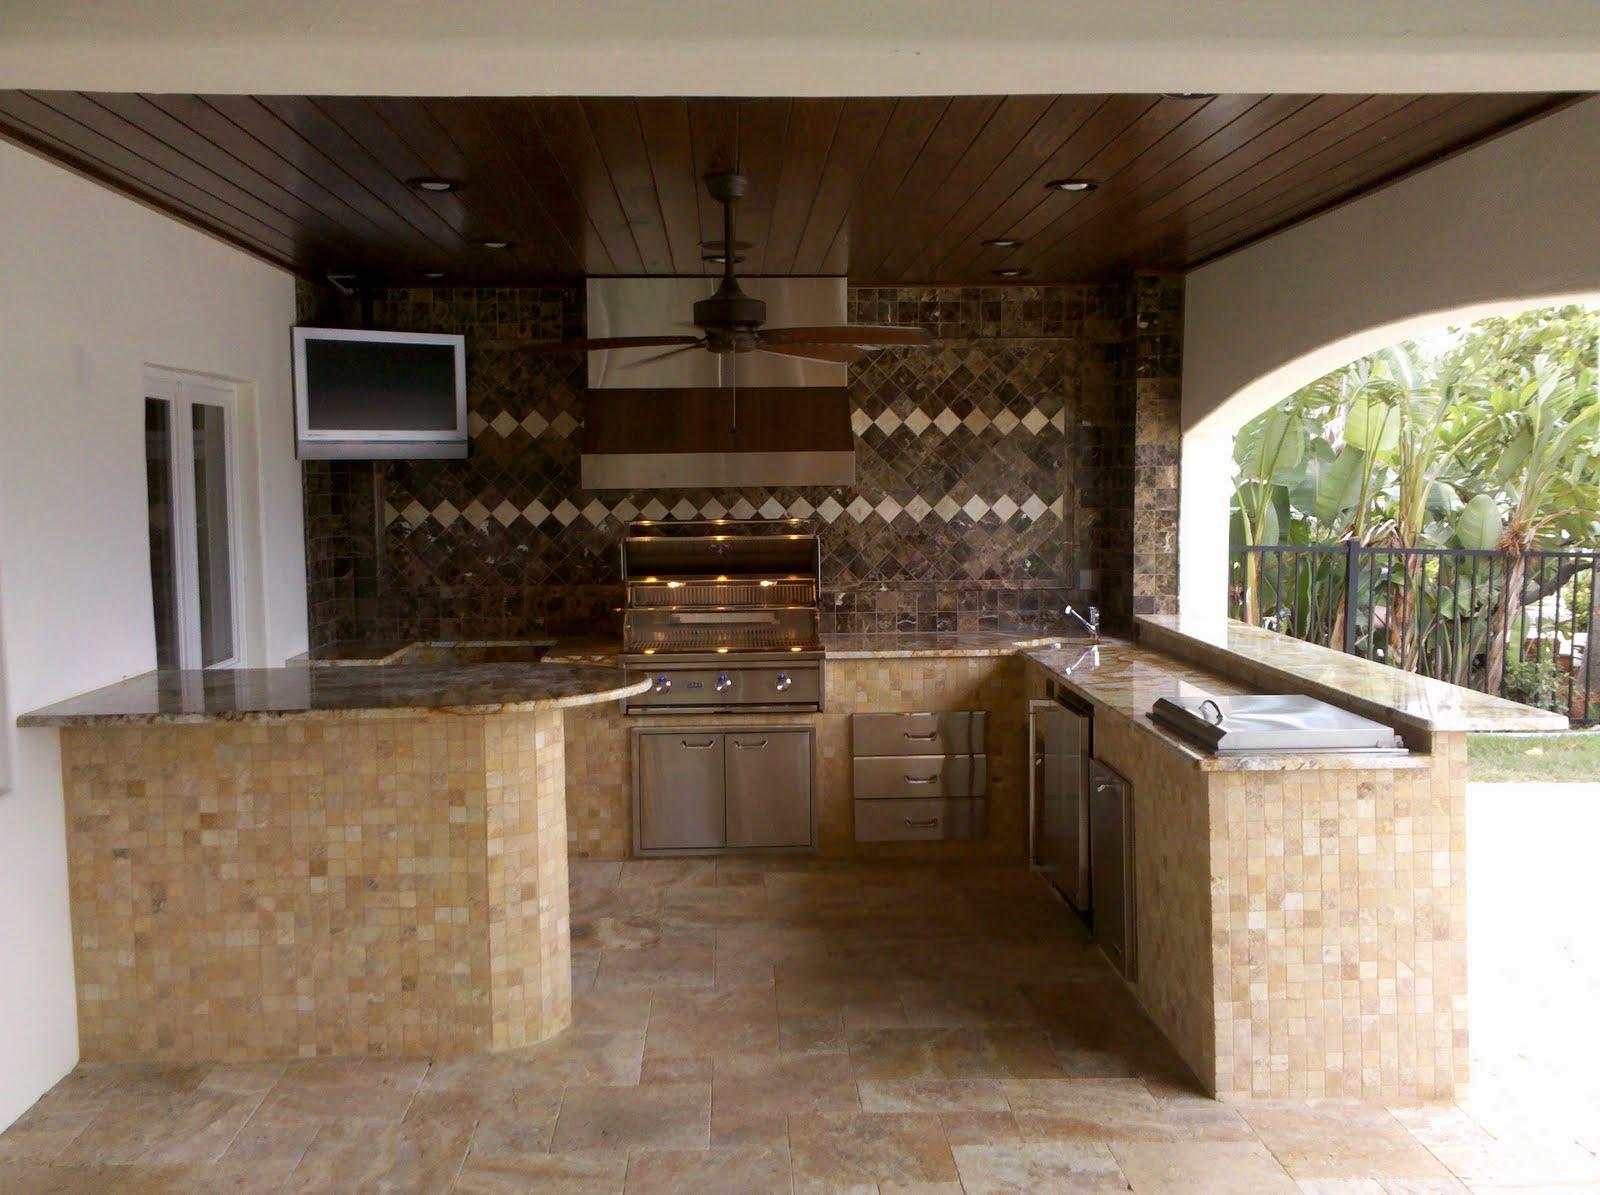 outdoor kitchen ideas photo - 10